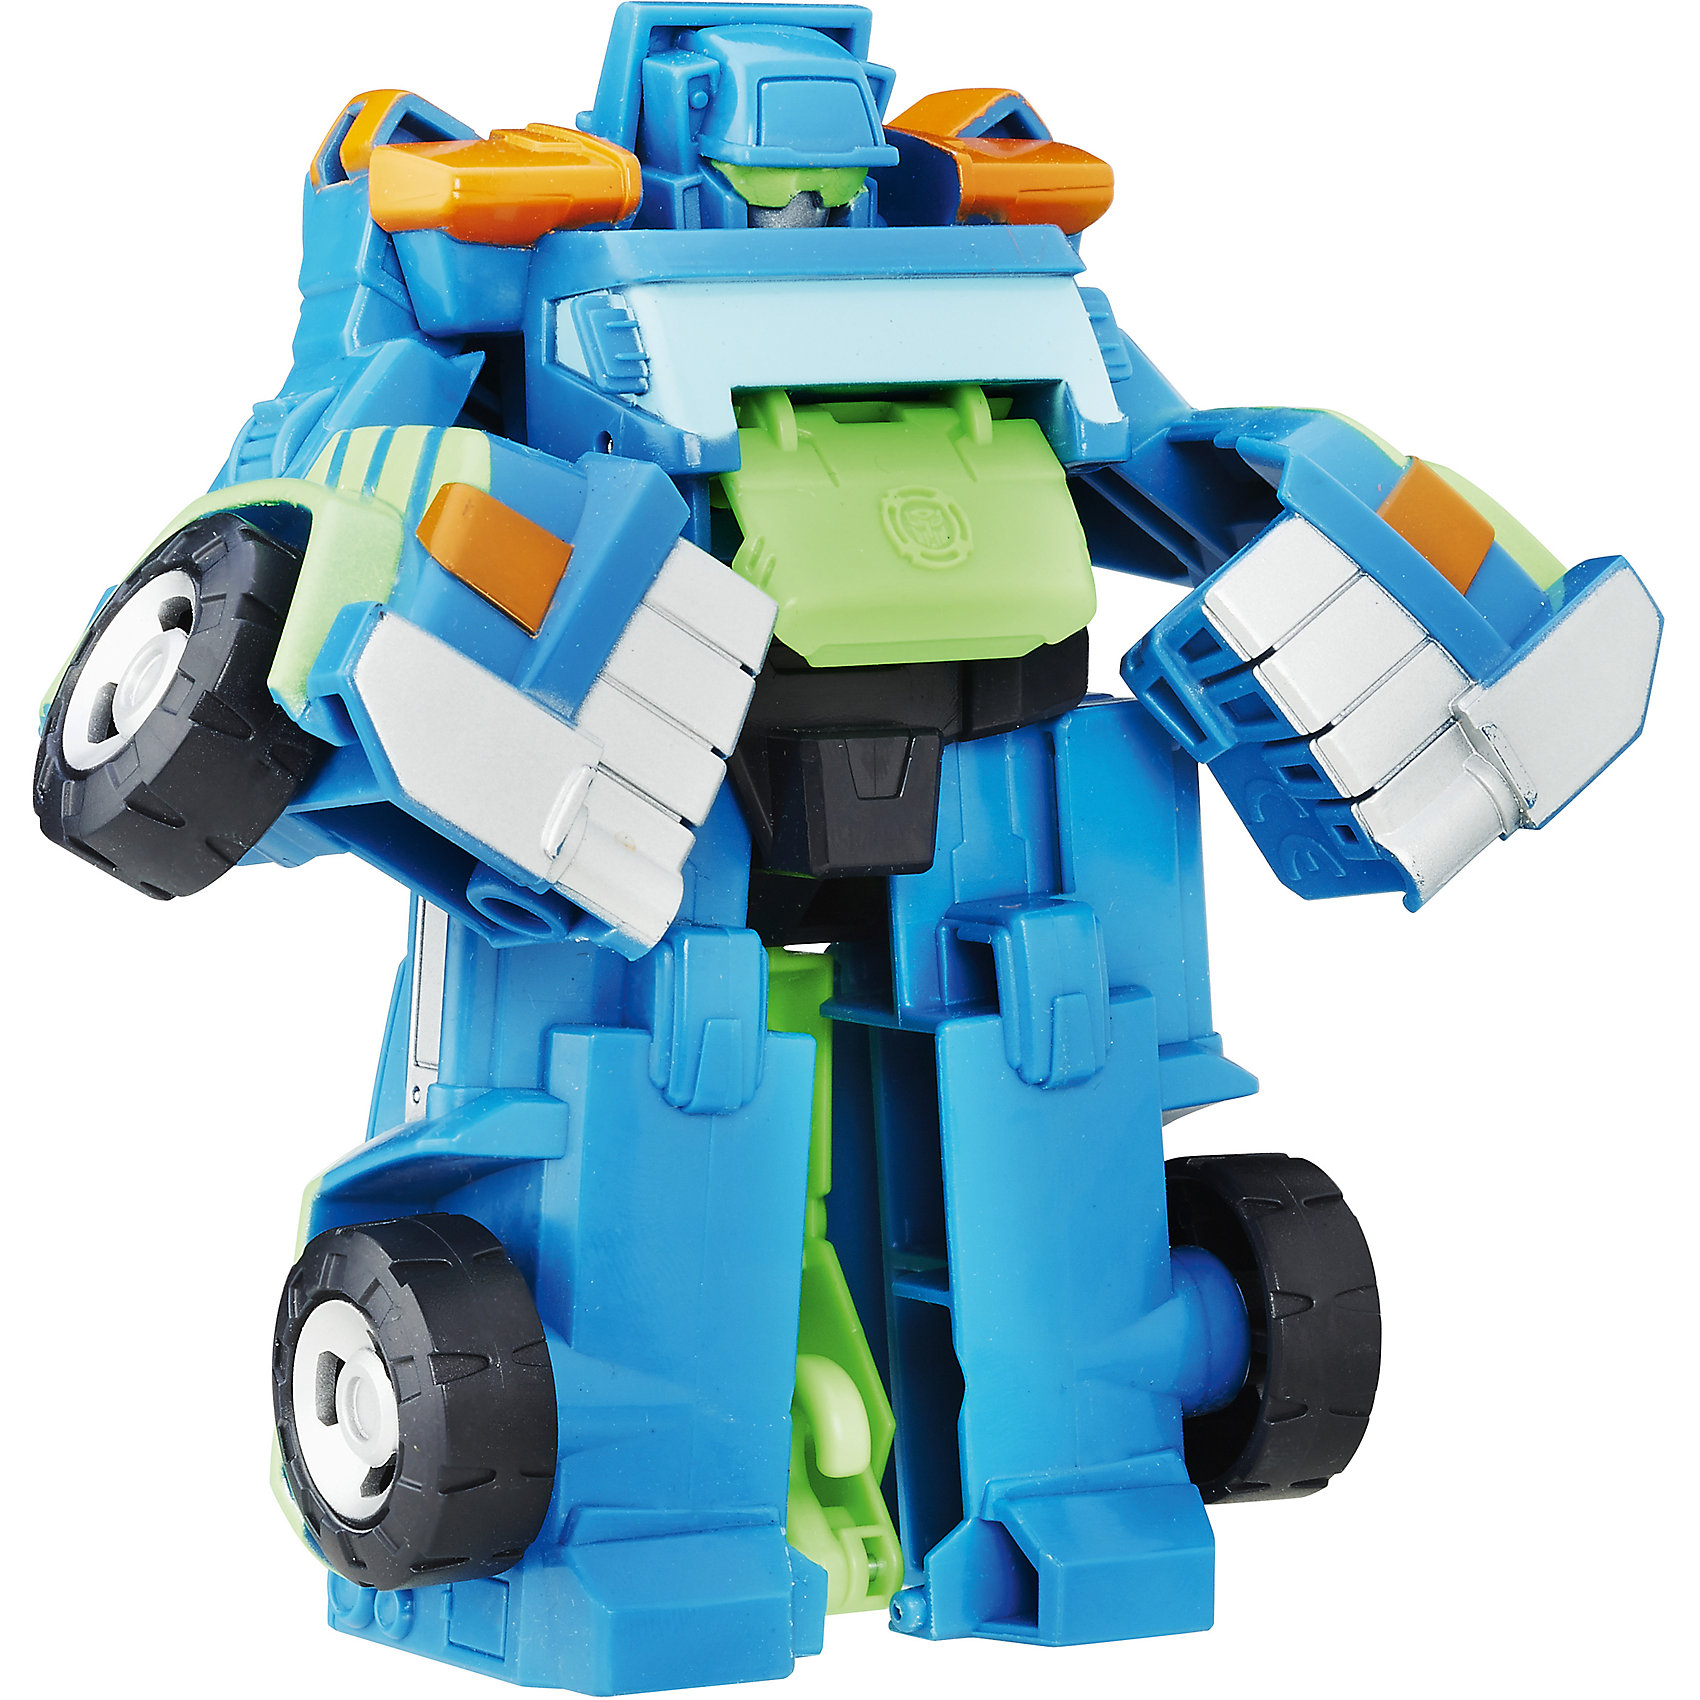 Трансформер, Playskool heroes, Tow BotИдеи подарков<br>Характеристики товара:<br><br>• возраст от 3 лет;<br>• материал: пластик;<br>• высота робота 13 см;<br>• размер упаковки 24,1х16,2х5,8 см;<br>• вес упаковки 140 гр.;<br>• страна производитель: Китай.<br><br>Трансформеры-динозавры Playskool Heroes — персонажи известного фильма «Трансформеры» про роботов-трансформеров, которые превращаются а машины. Благодаря шарнирным механизмам игрушка легко трансформируется из робота в еще одну фигурку. С обеими фигурками можно придумывать увлекательные игры. Робот выполнен из качественного прочного пластика.<br><br>Трансформеров-динозавров Playskool Heroes можно приобрести в нашем интернет-магазине.<br><br>Ширина мм: 58<br>Глубина мм: 162<br>Высота мм: 241<br>Вес г: 140<br>Возраст от месяцев: 36<br>Возраст до месяцев: 84<br>Пол: Мужской<br>Возраст: Детский<br>SKU: 5622051